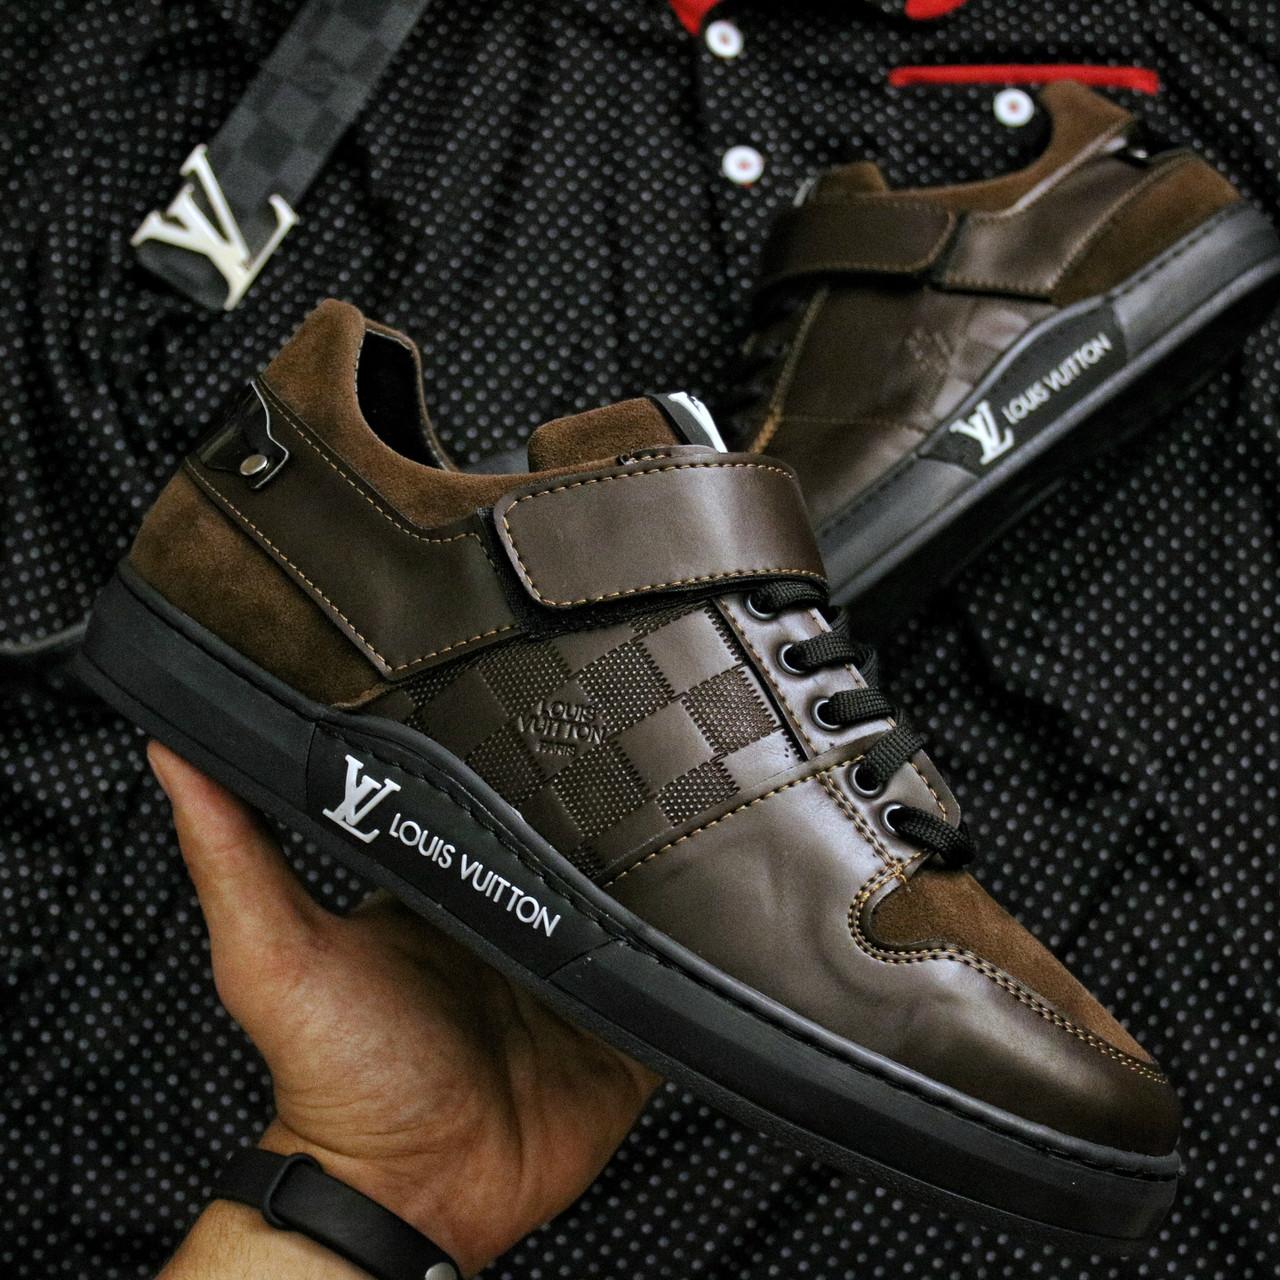 b9adf3f0ebb Louis Vuitton Мужская - Спортивная обувь Объявления в Украине на ...